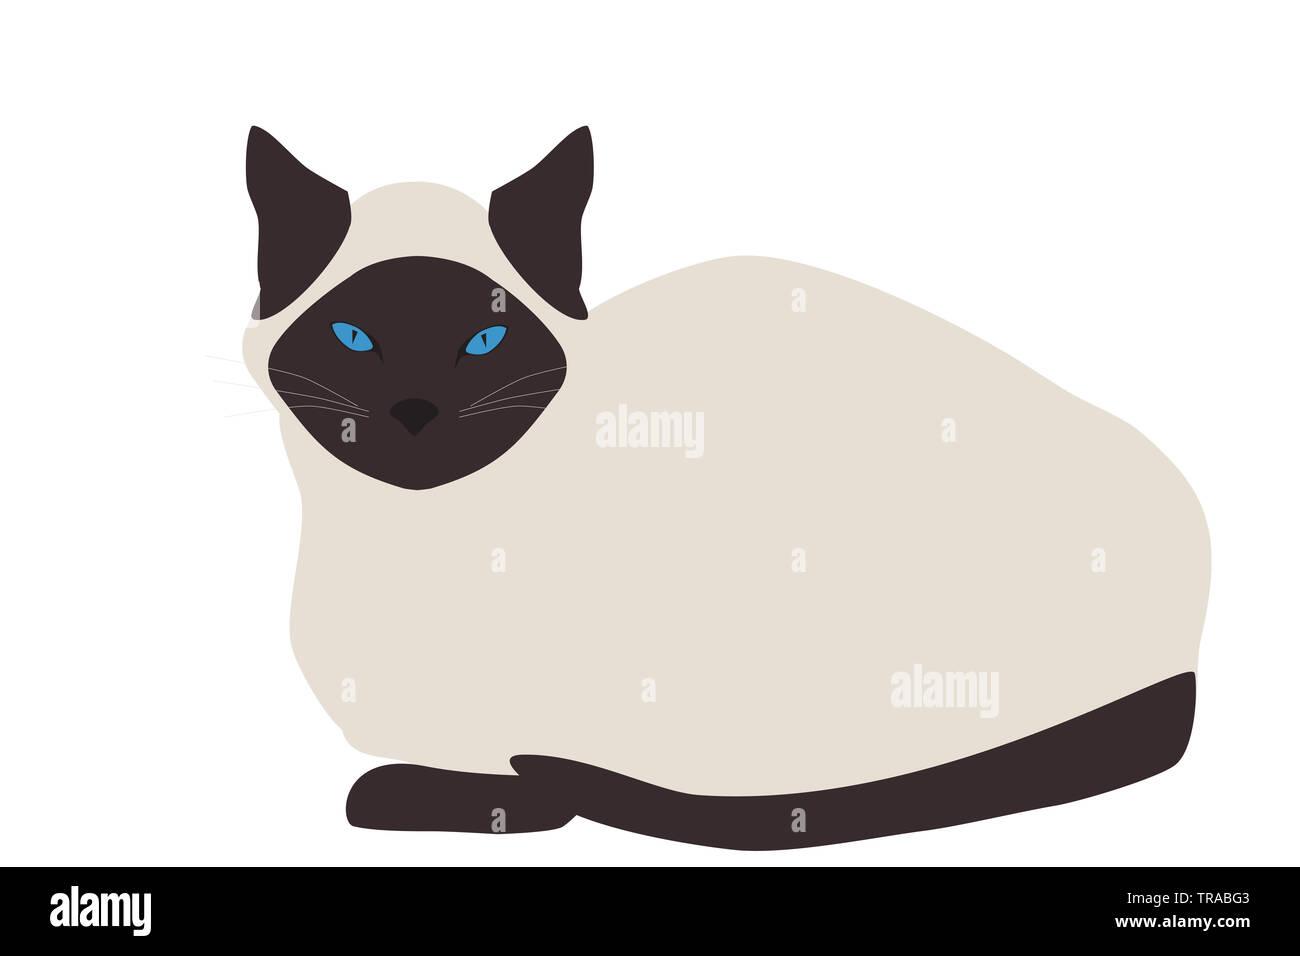 Gatto siamese gatto isolati su sfondo bianco. Tailandese icona kitty, vettoriale EPS 10 Immagini Stock